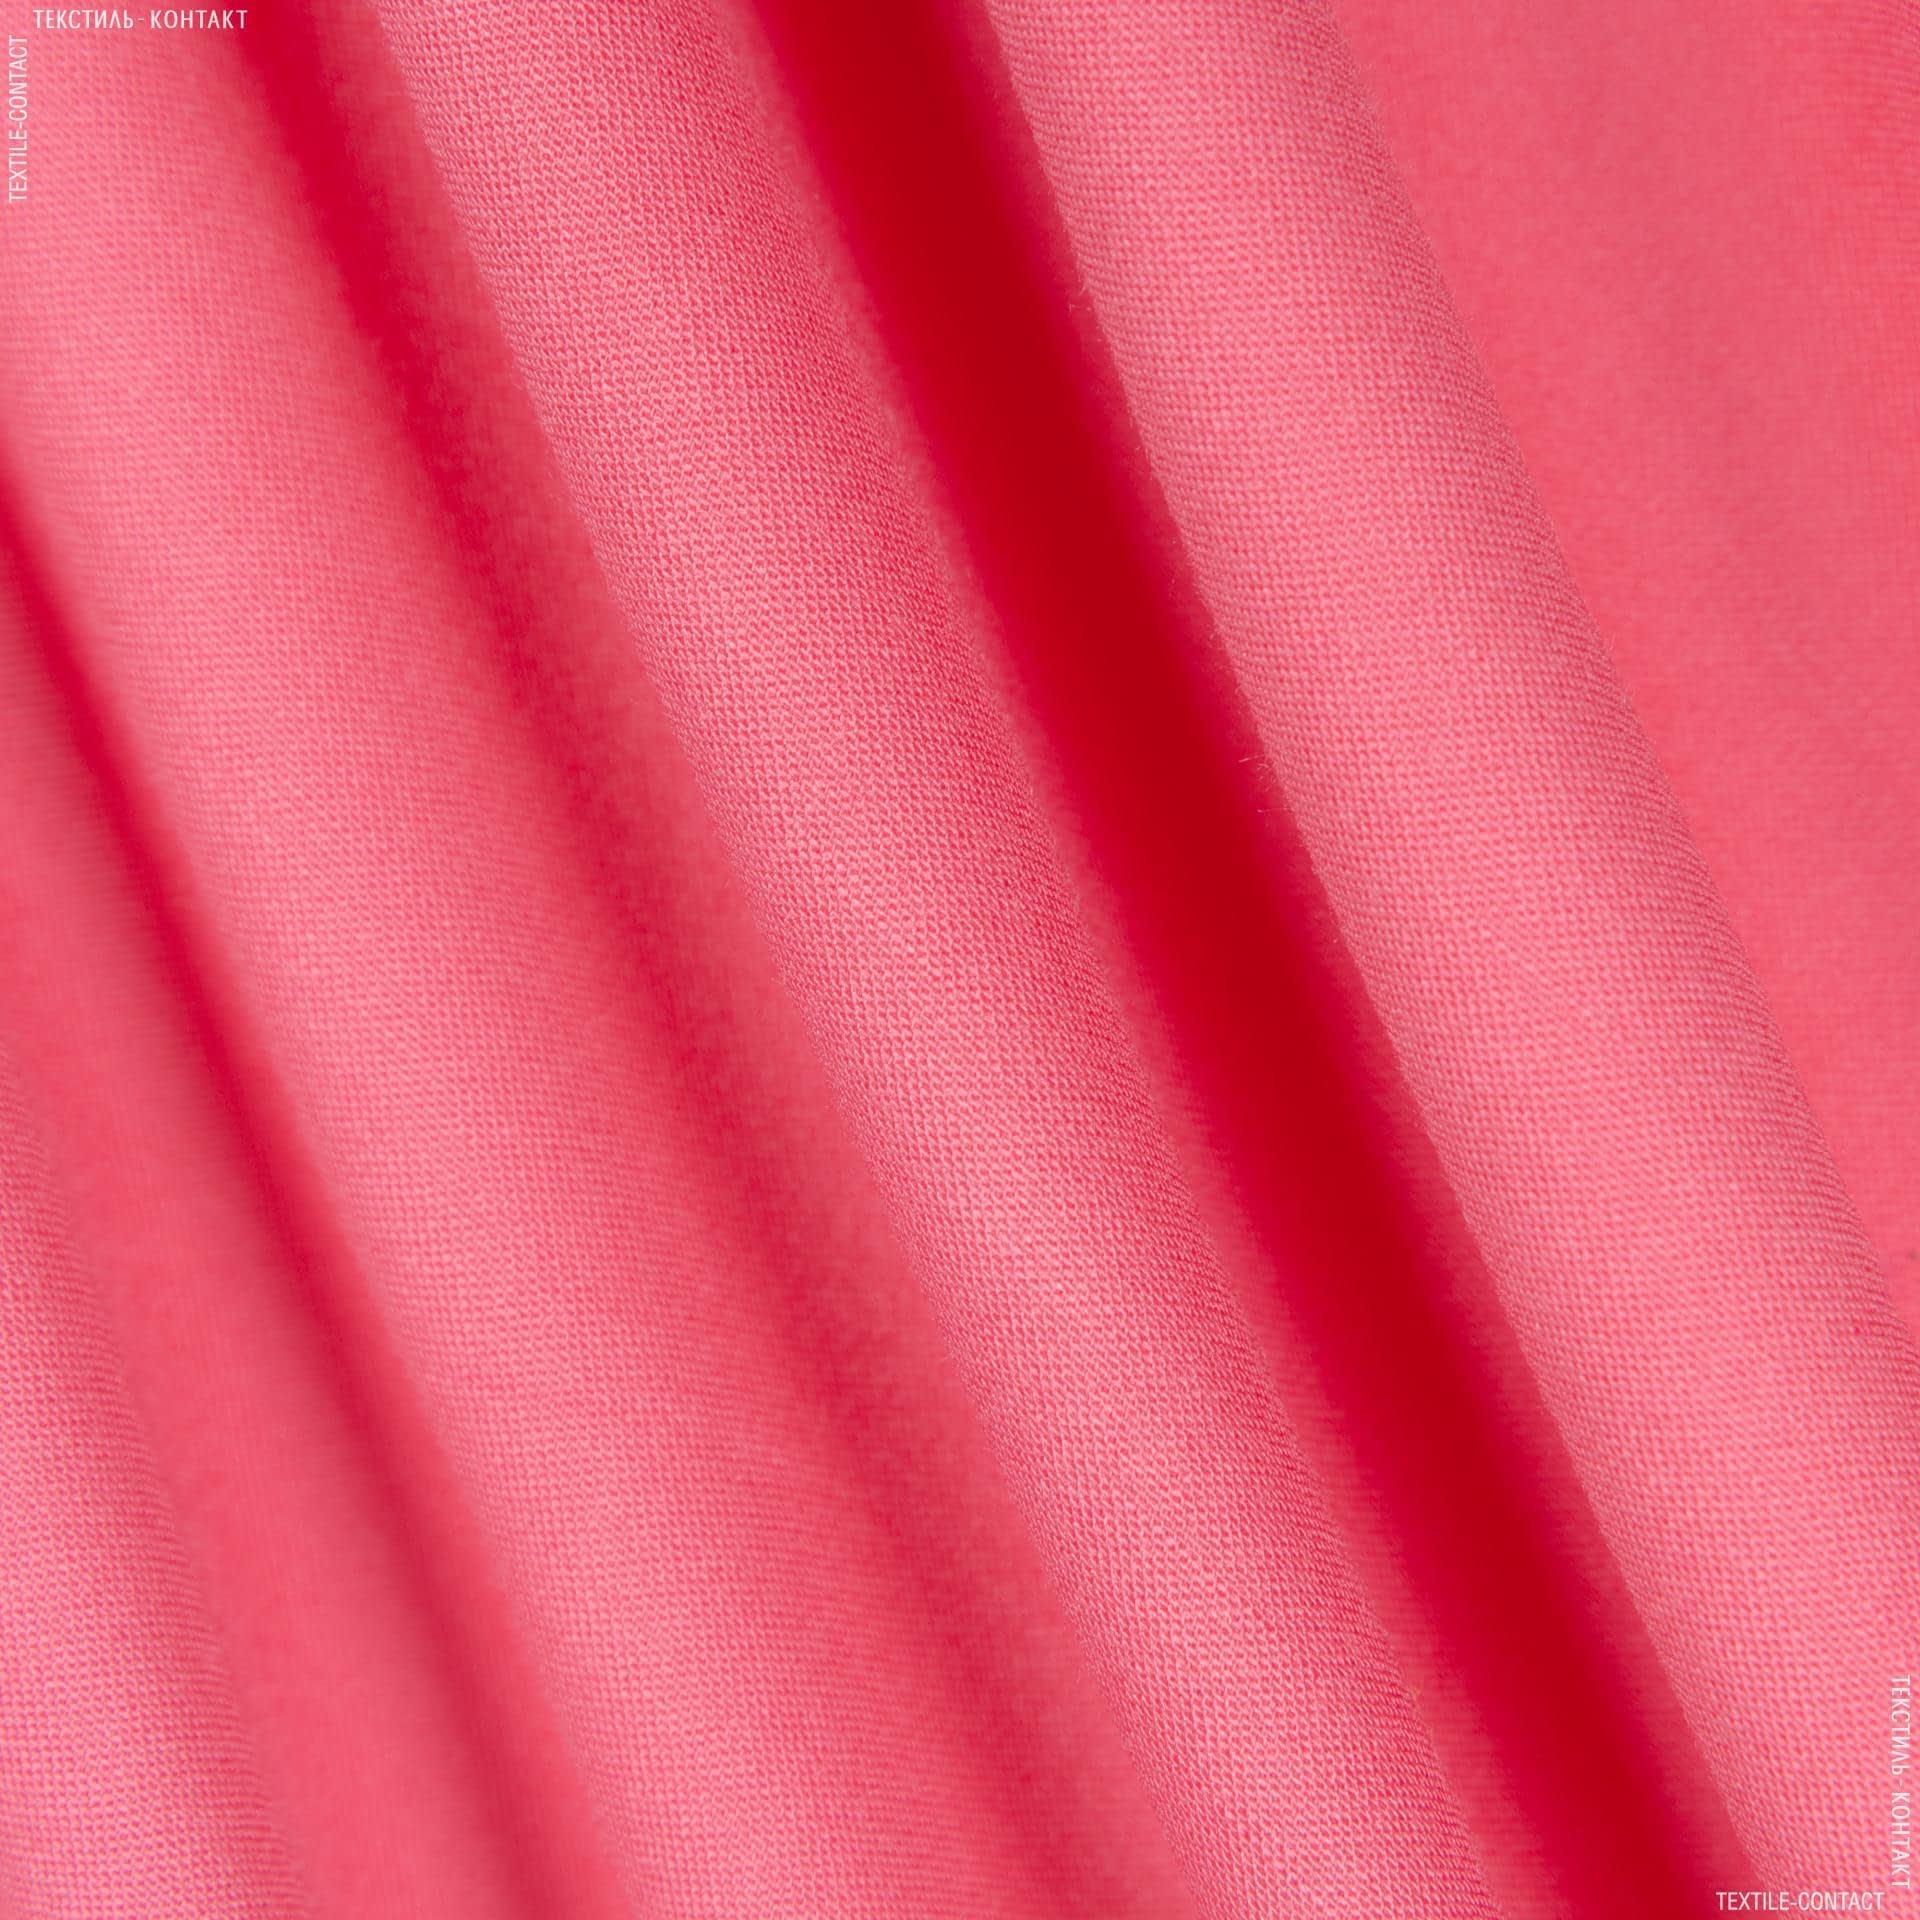 Ткани для костюмов - Костюмный сатин коралловый